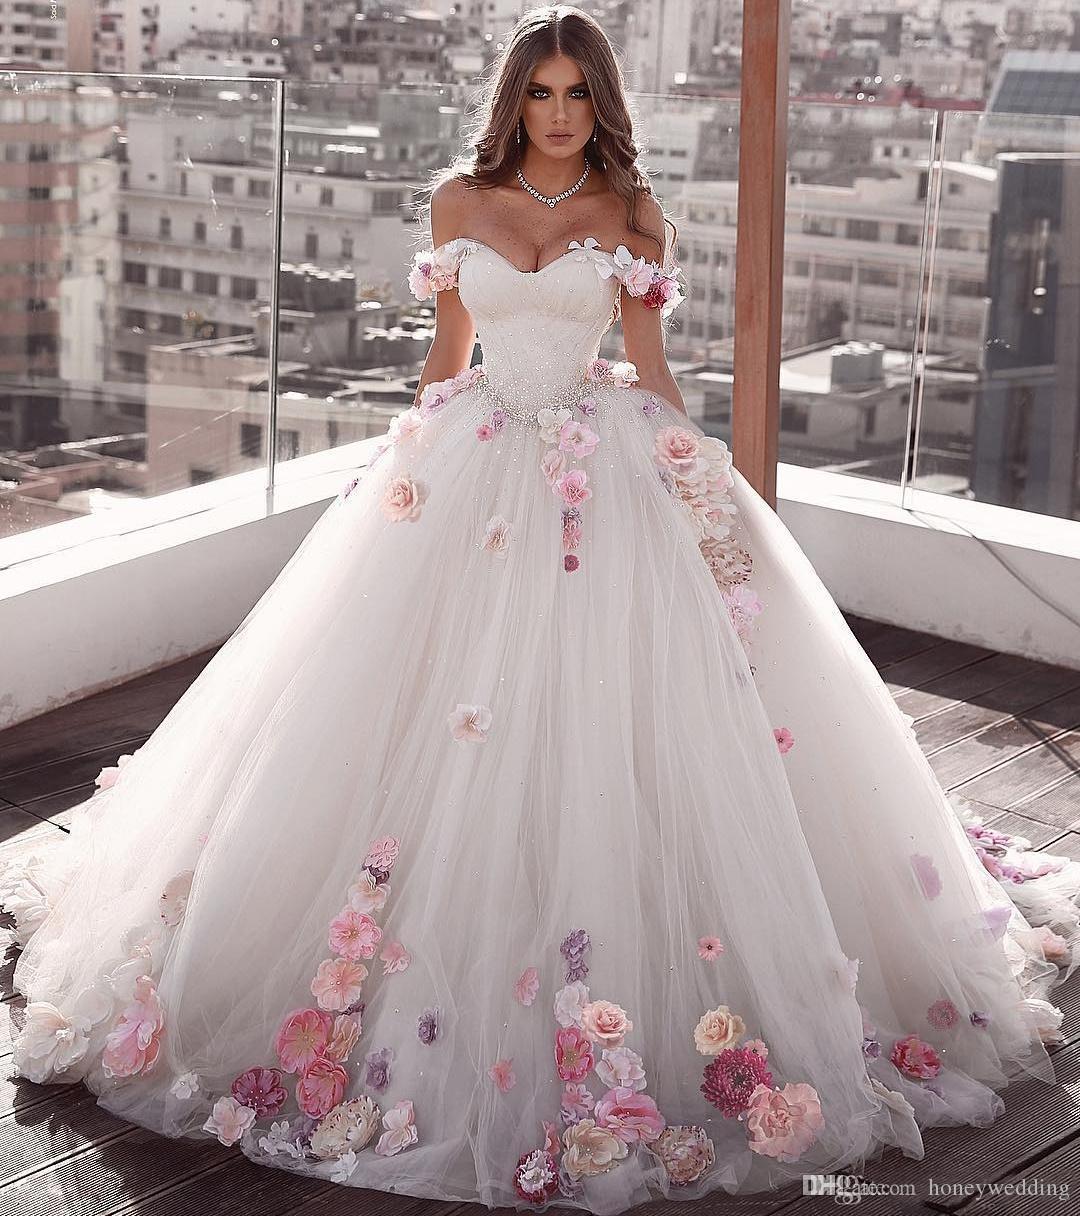 Rochie de mireasa cu aplicatii florale colorate